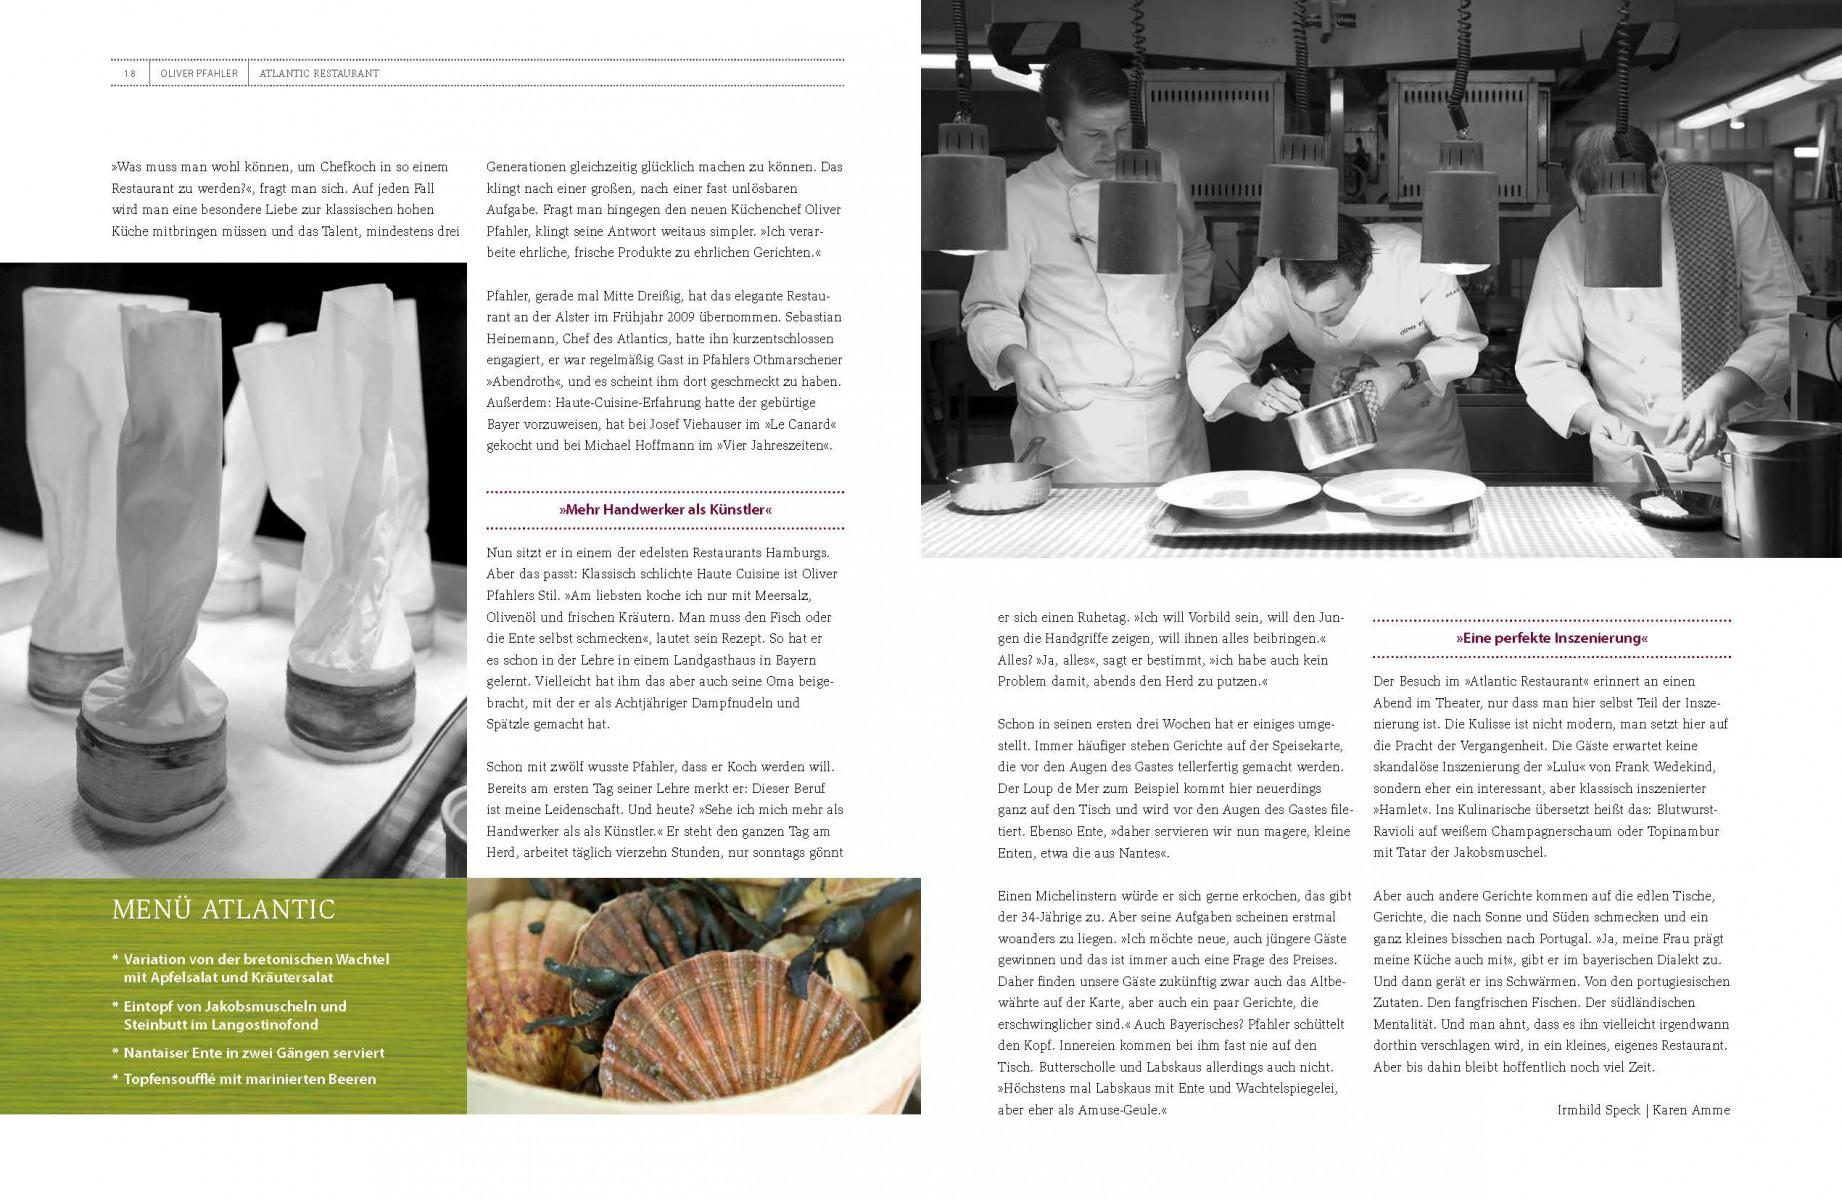 Butter bei die Fische 2_Seite_11